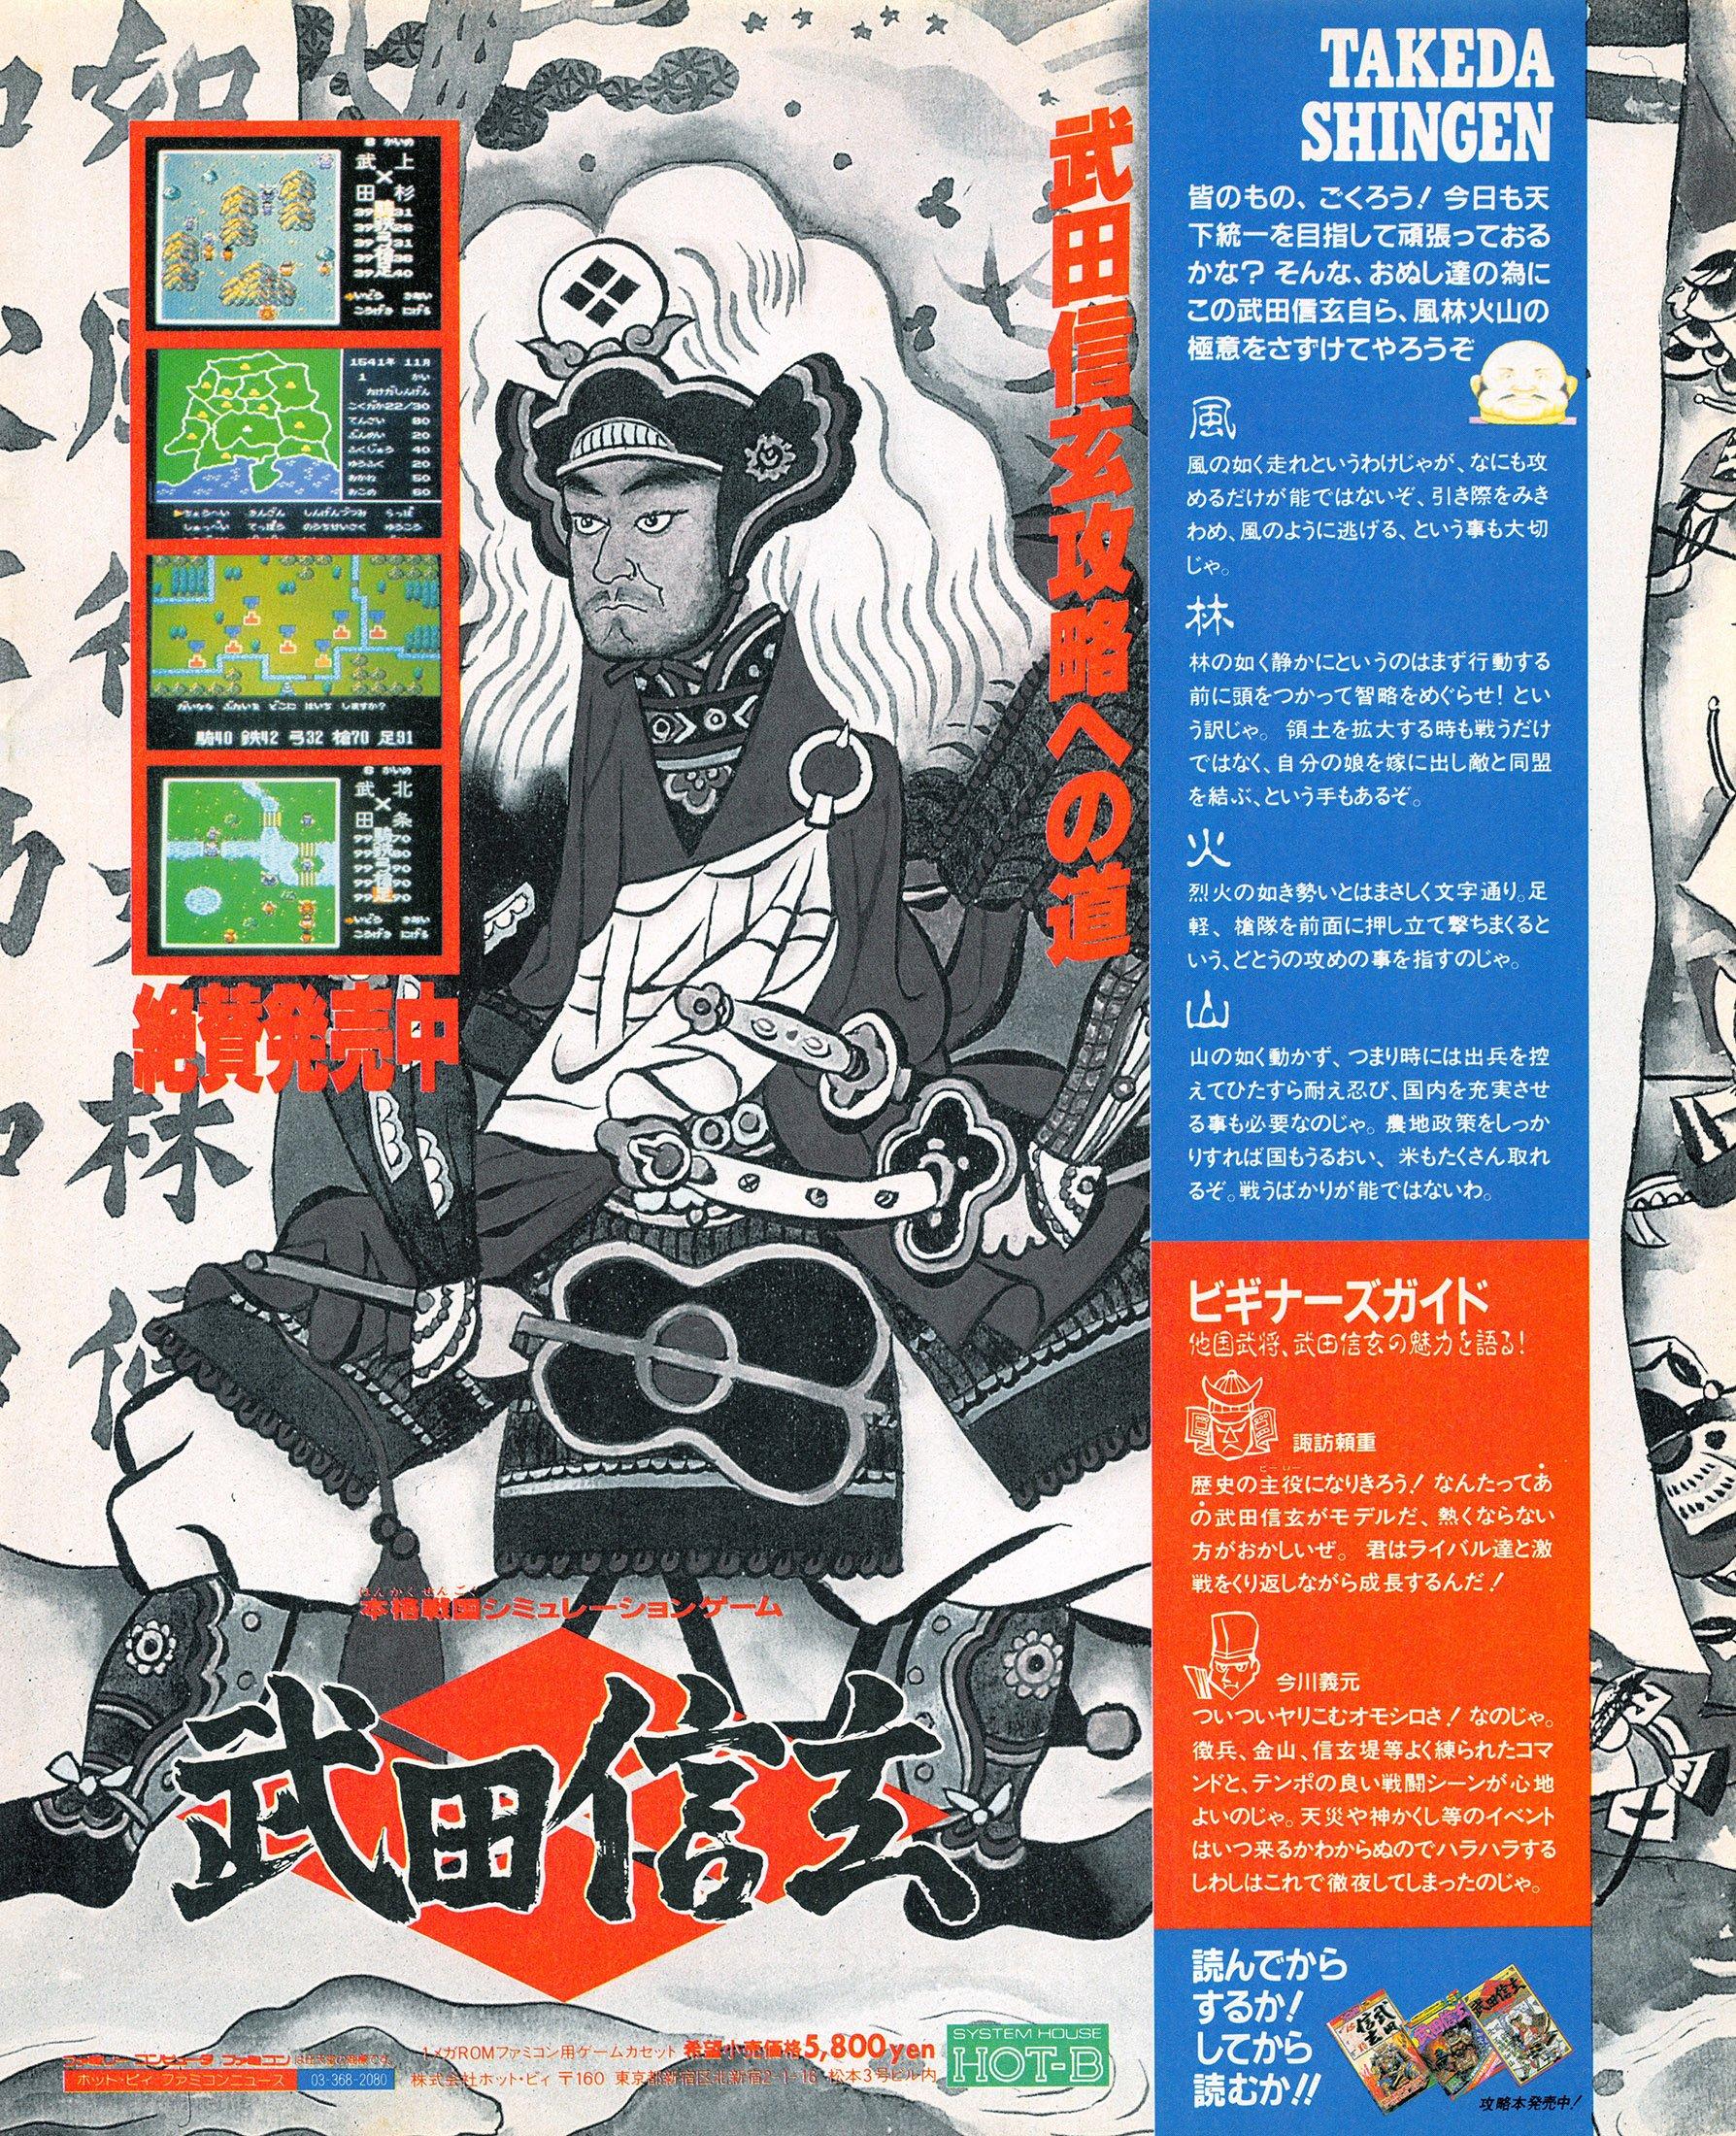 Takeda Shingen (Japan)